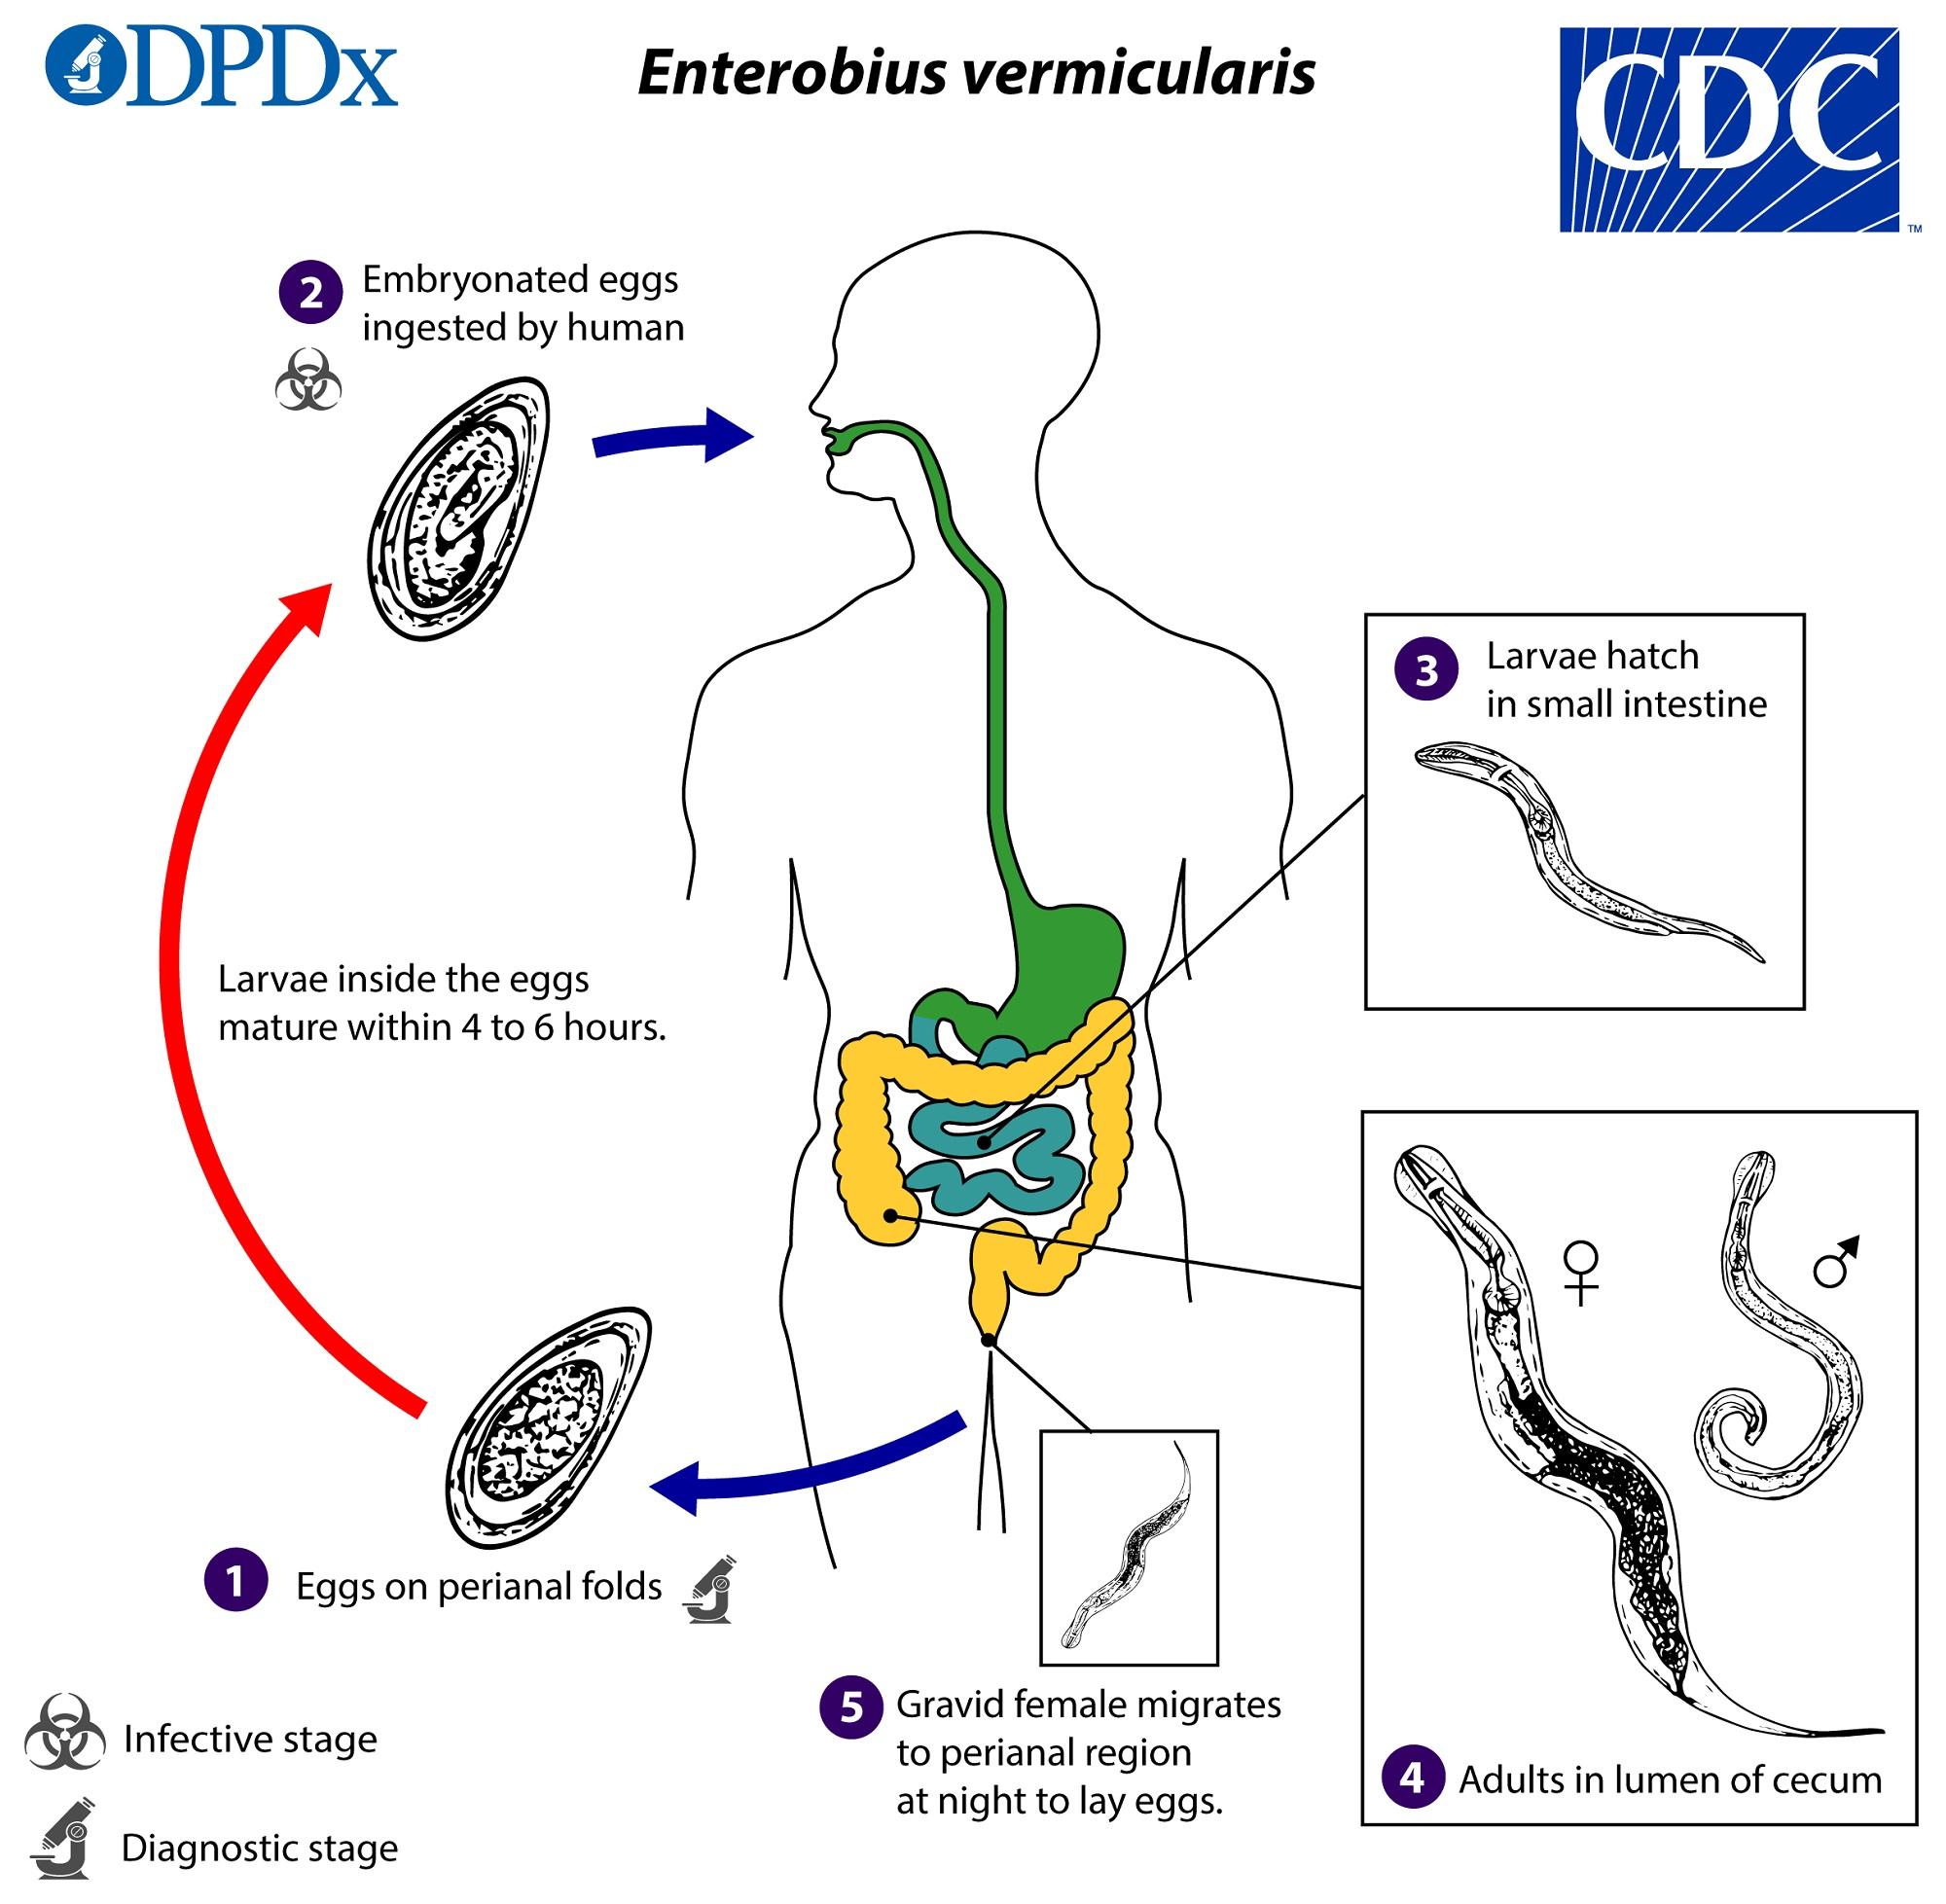 Féregkészítmények csecsemők számára Helminthox giardiasis esetén